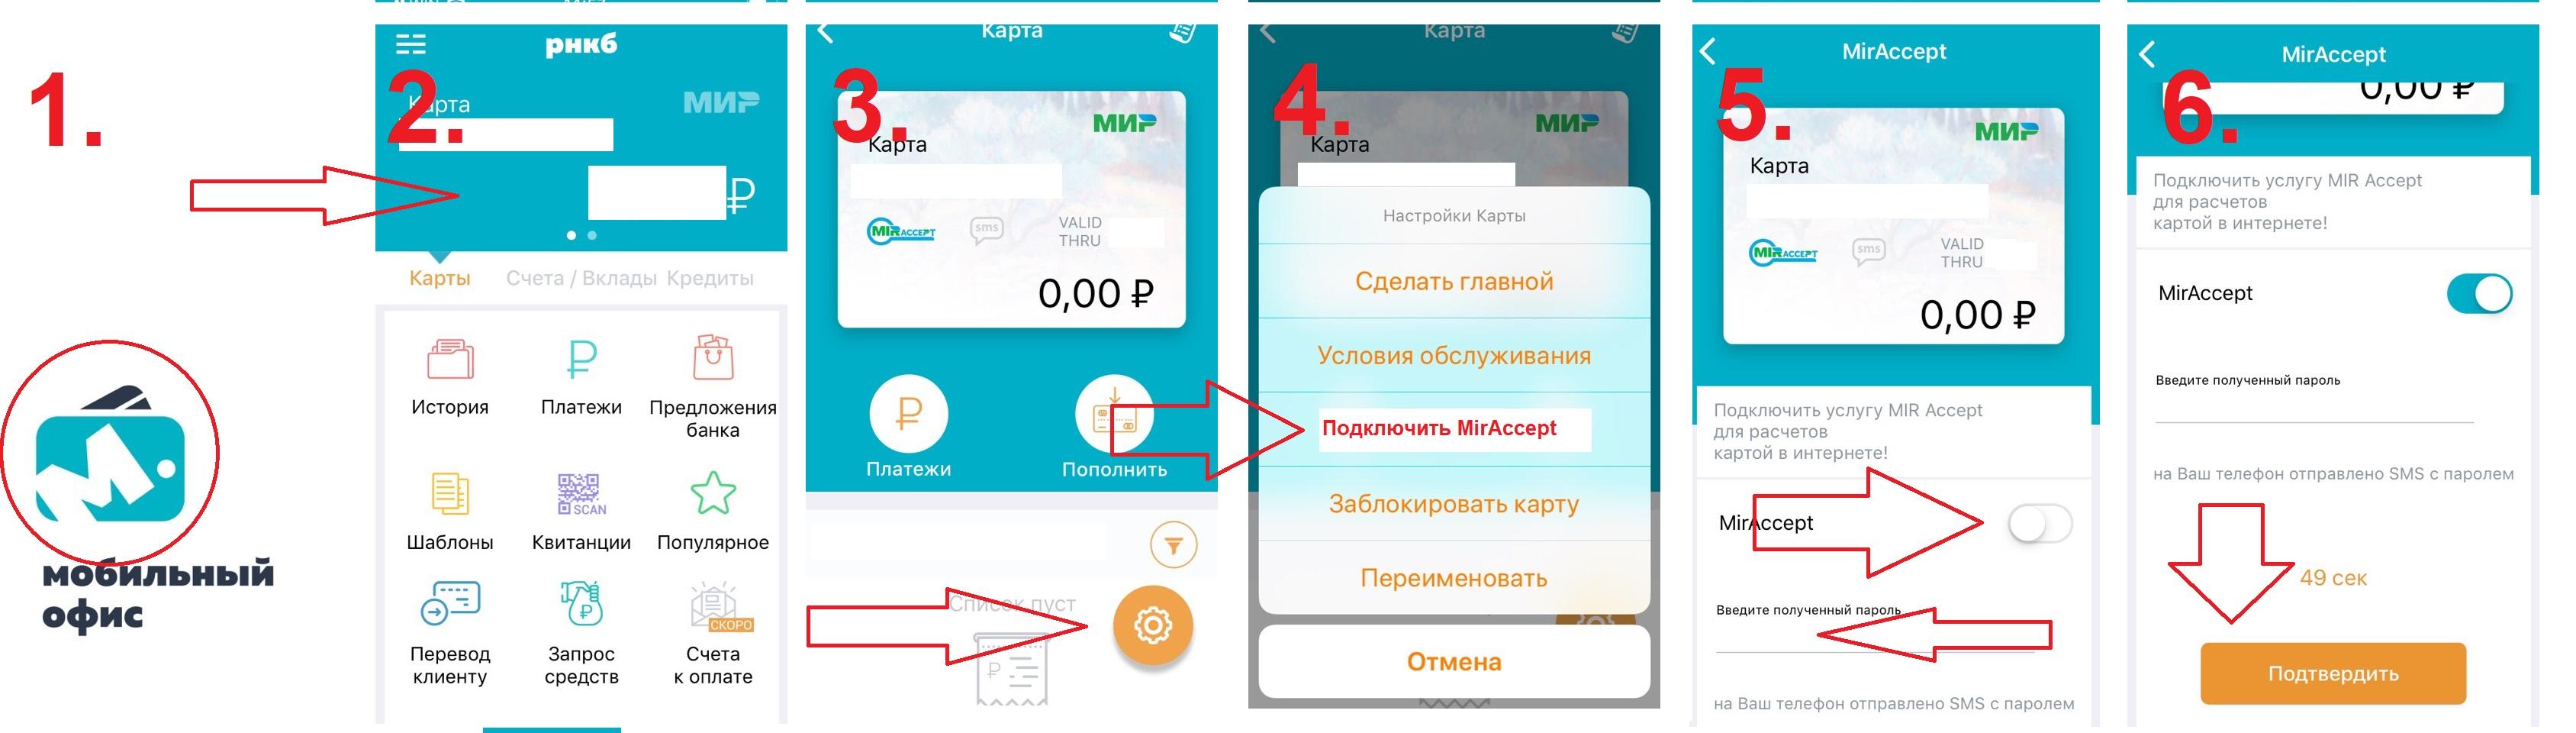 Оплатить покупку в интернете картой РНКБ - Активировать Mir Accept